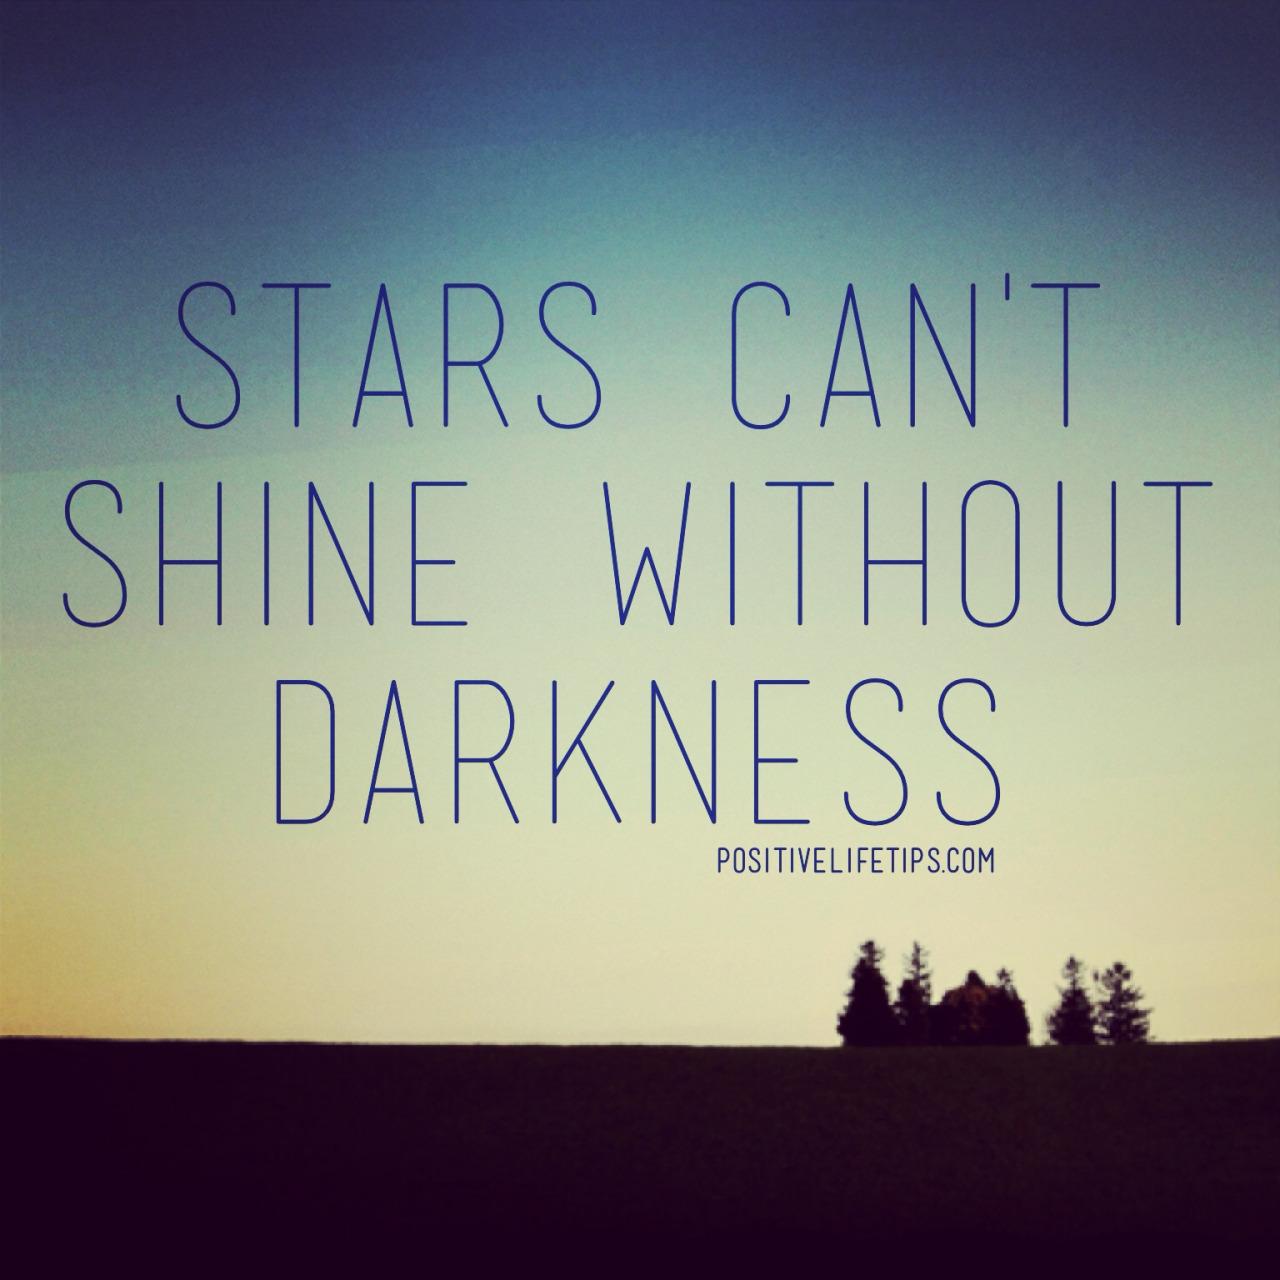 Go Through Darkness Quotes. QuotesGram